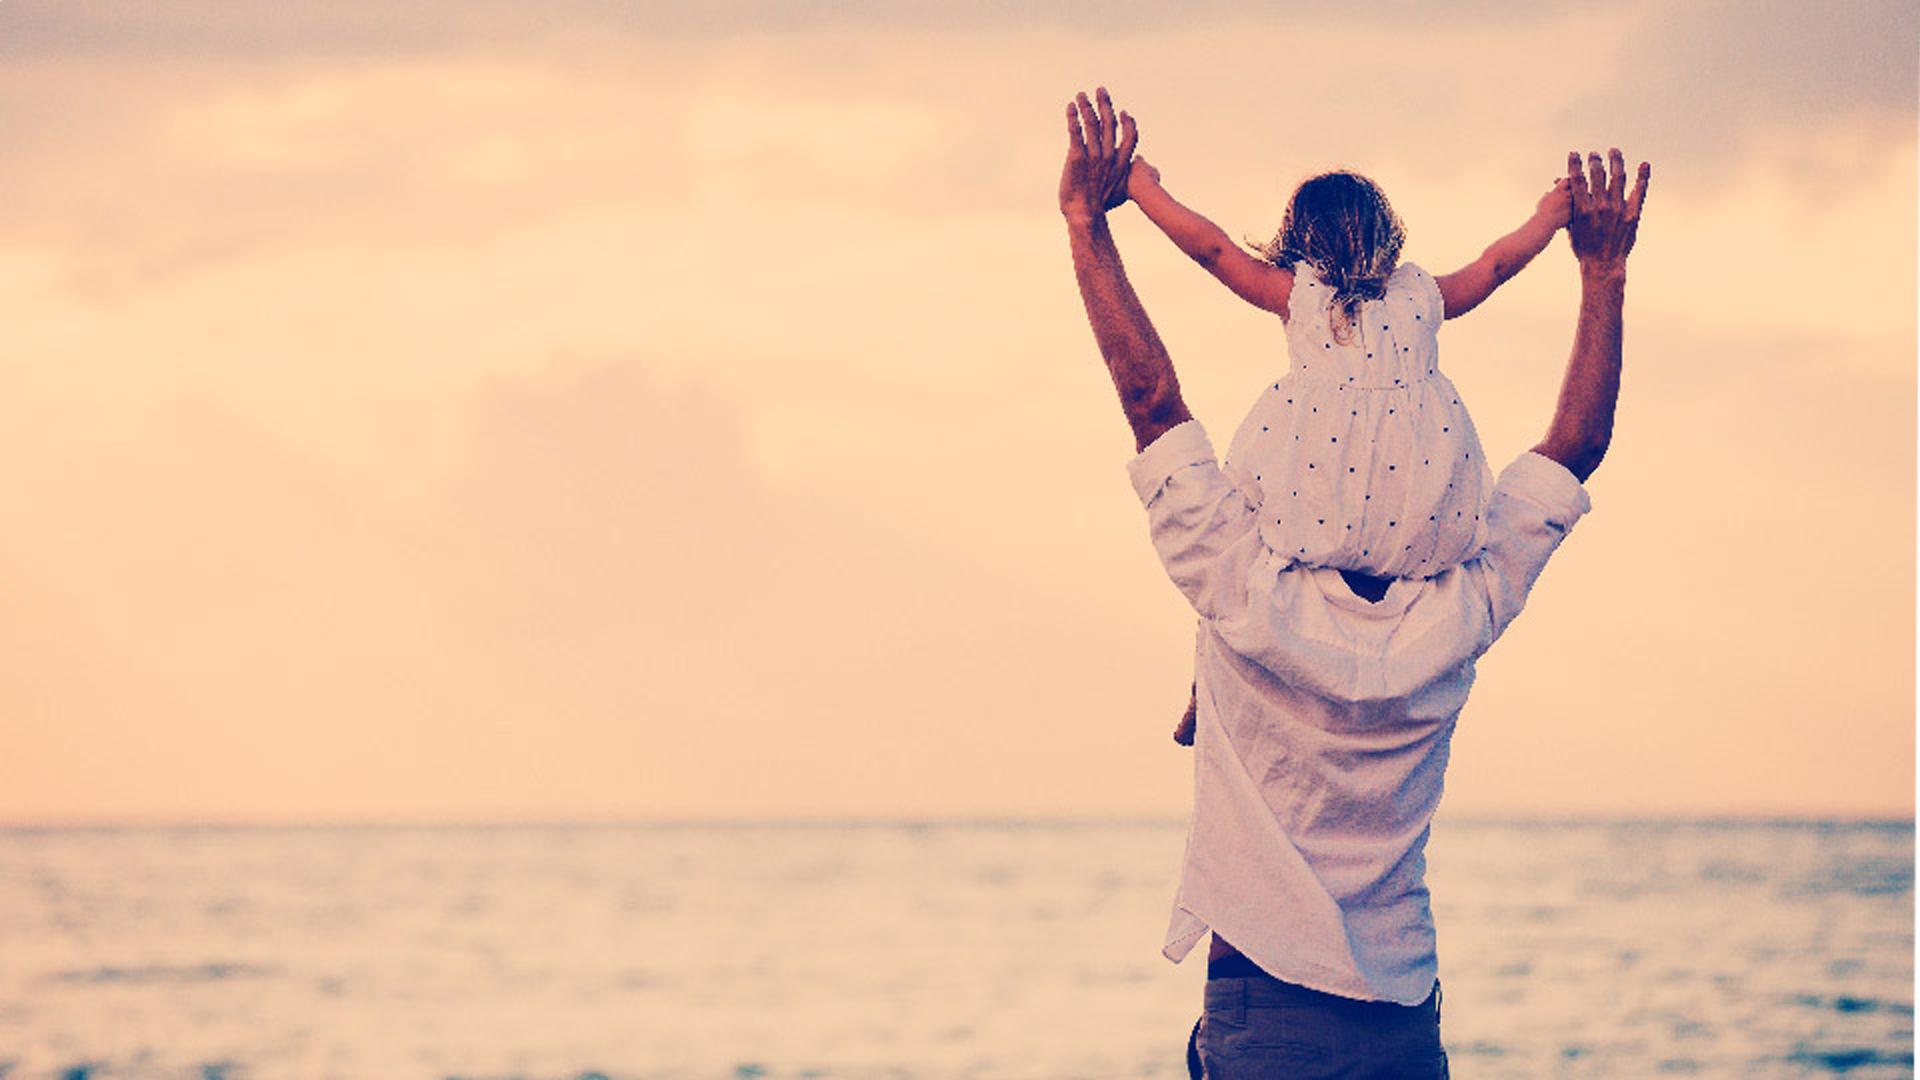 Αποτέλεσμα εικόνας για Δώδεκα κανόνες για να είναι κάποιος καλός γονέας